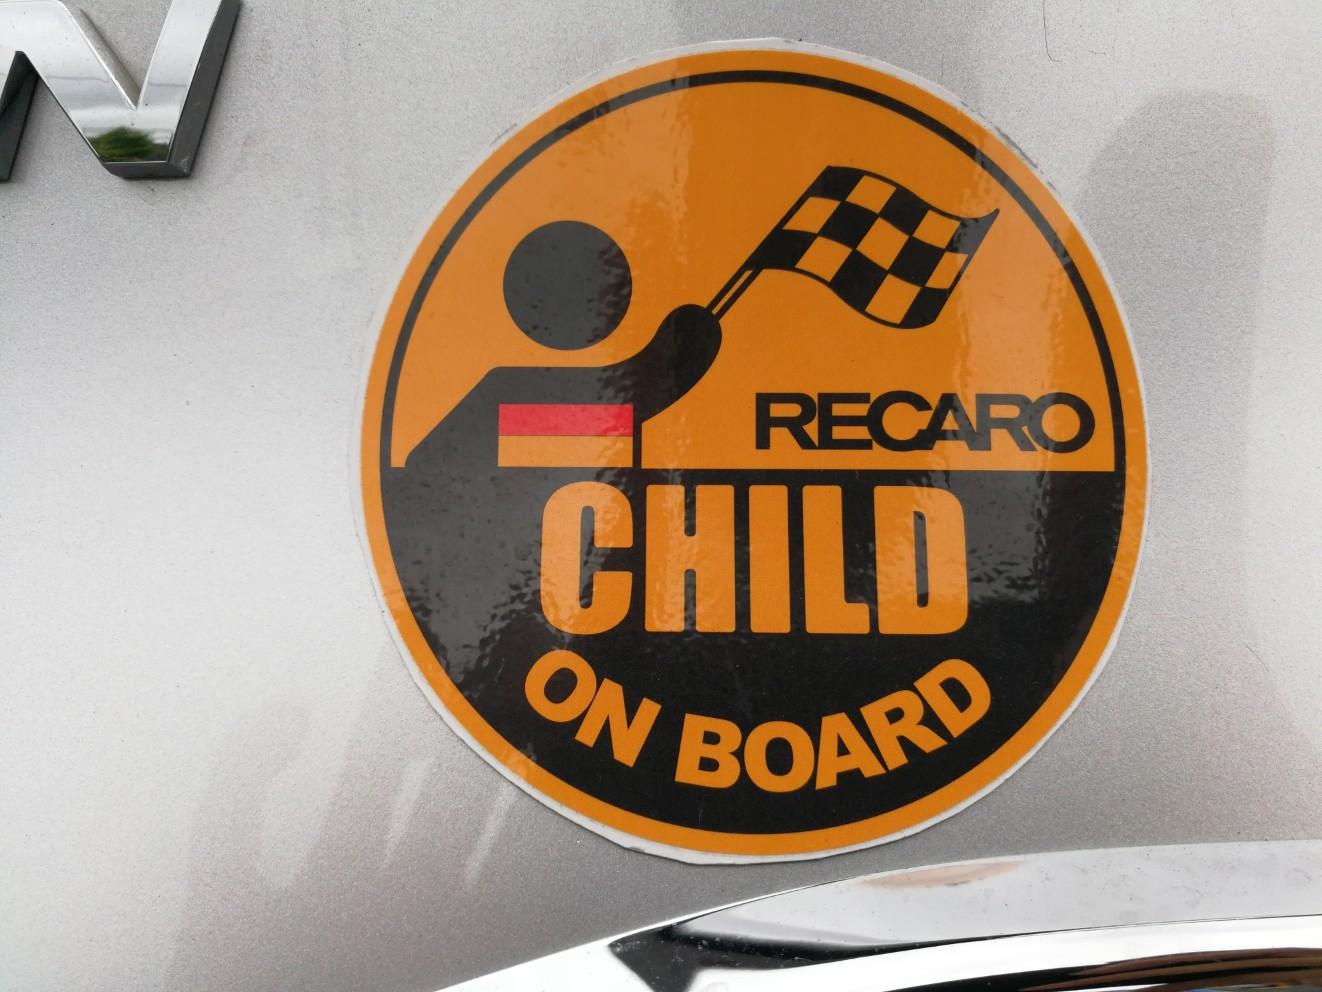 RECARO CHILD ON BOARDステッカー(マグネット改)